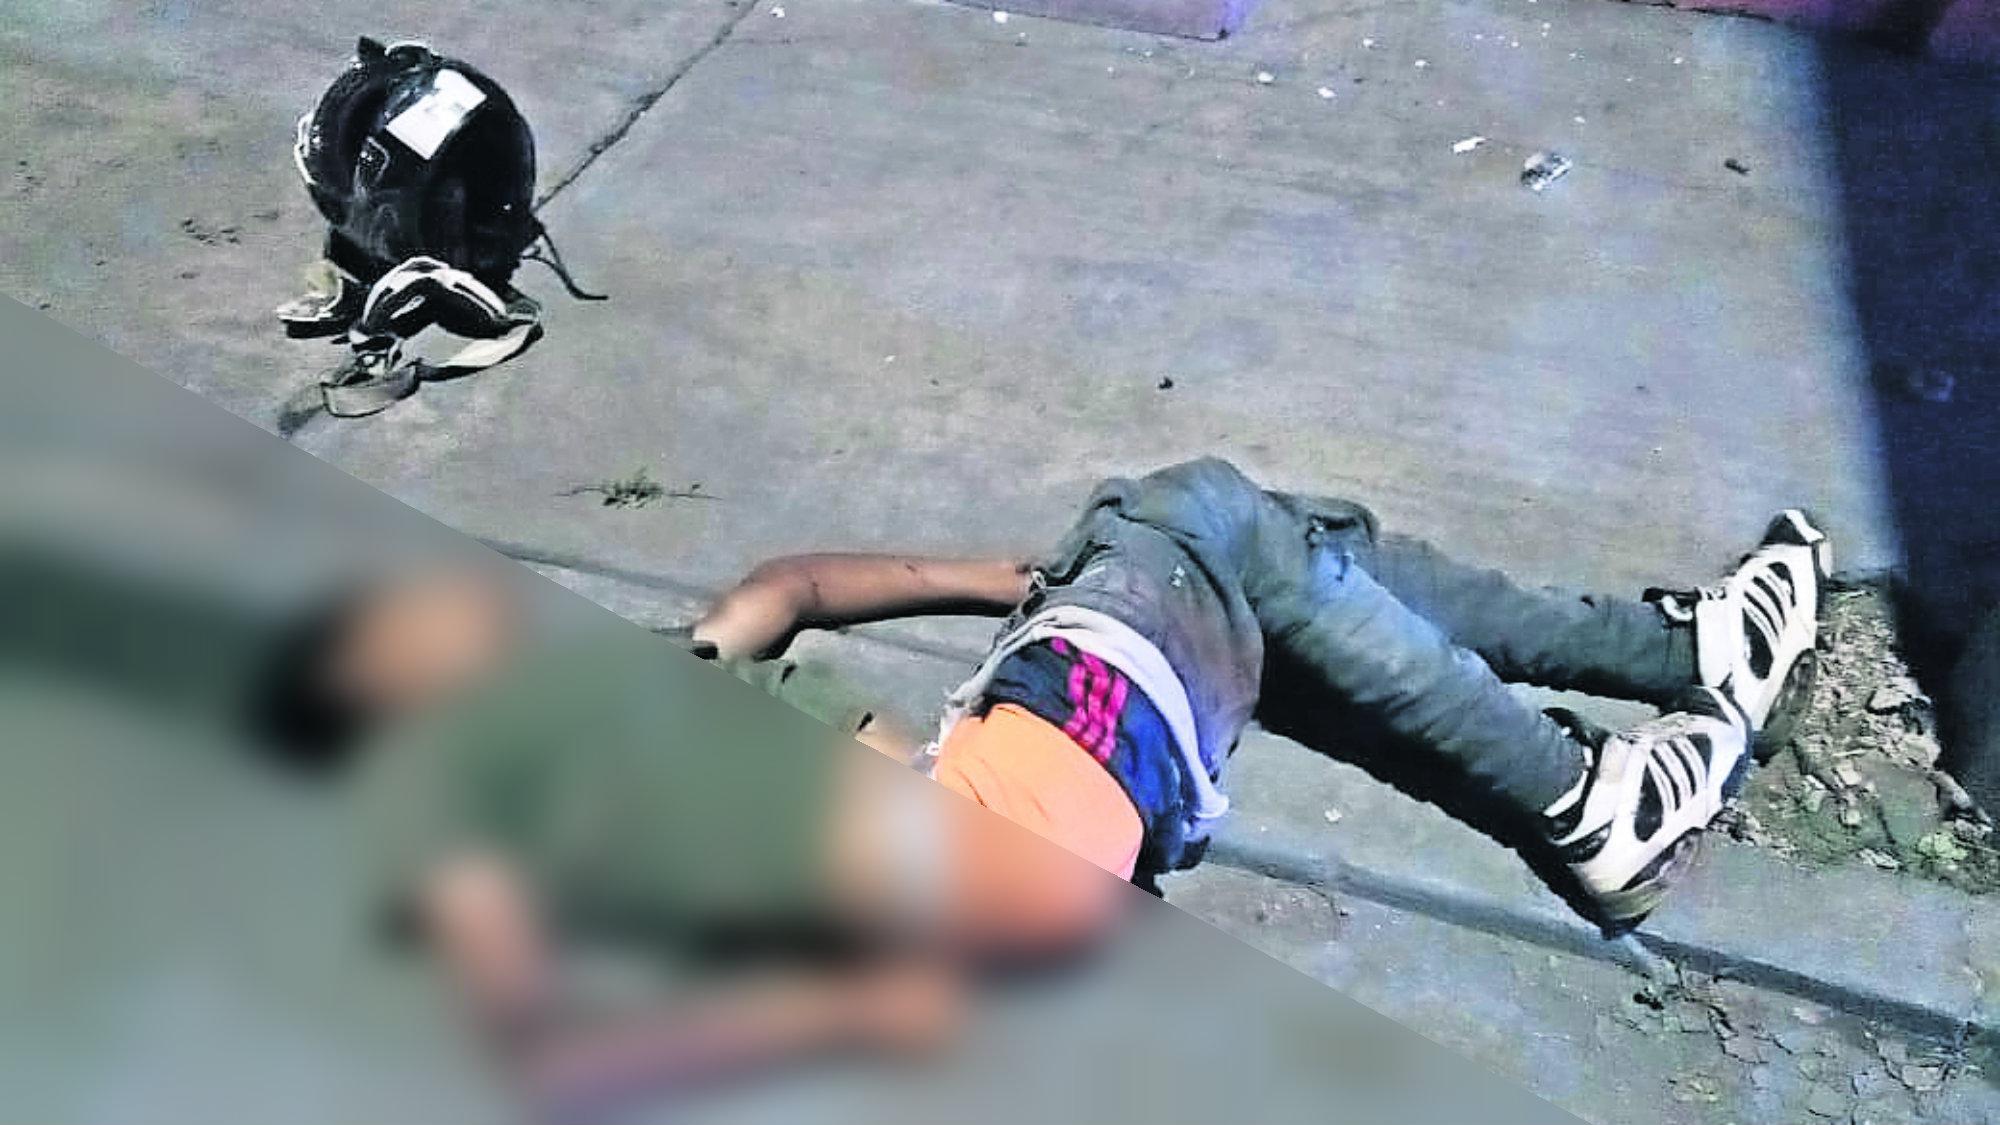 Mototciclista muerto Pierde el control Casco destrozado Morelos